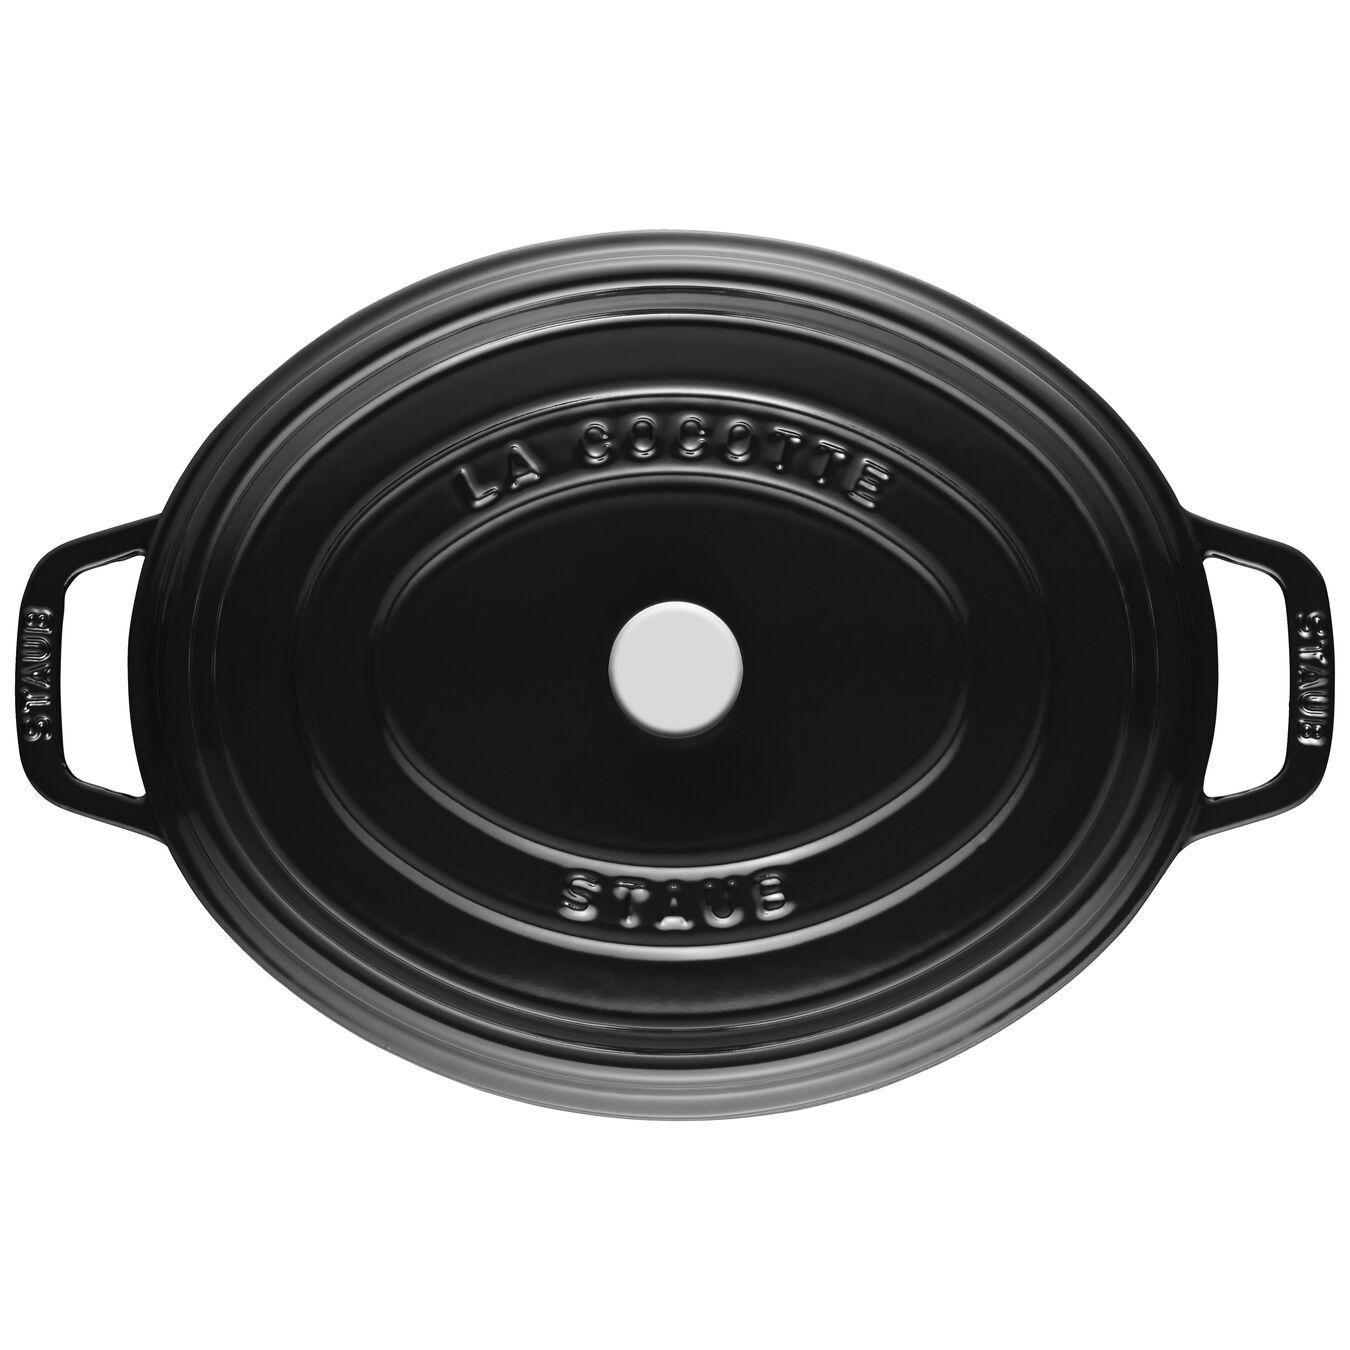 Cocotte 31 cm, Ovale, Noir brillant, Fonte,,large 4